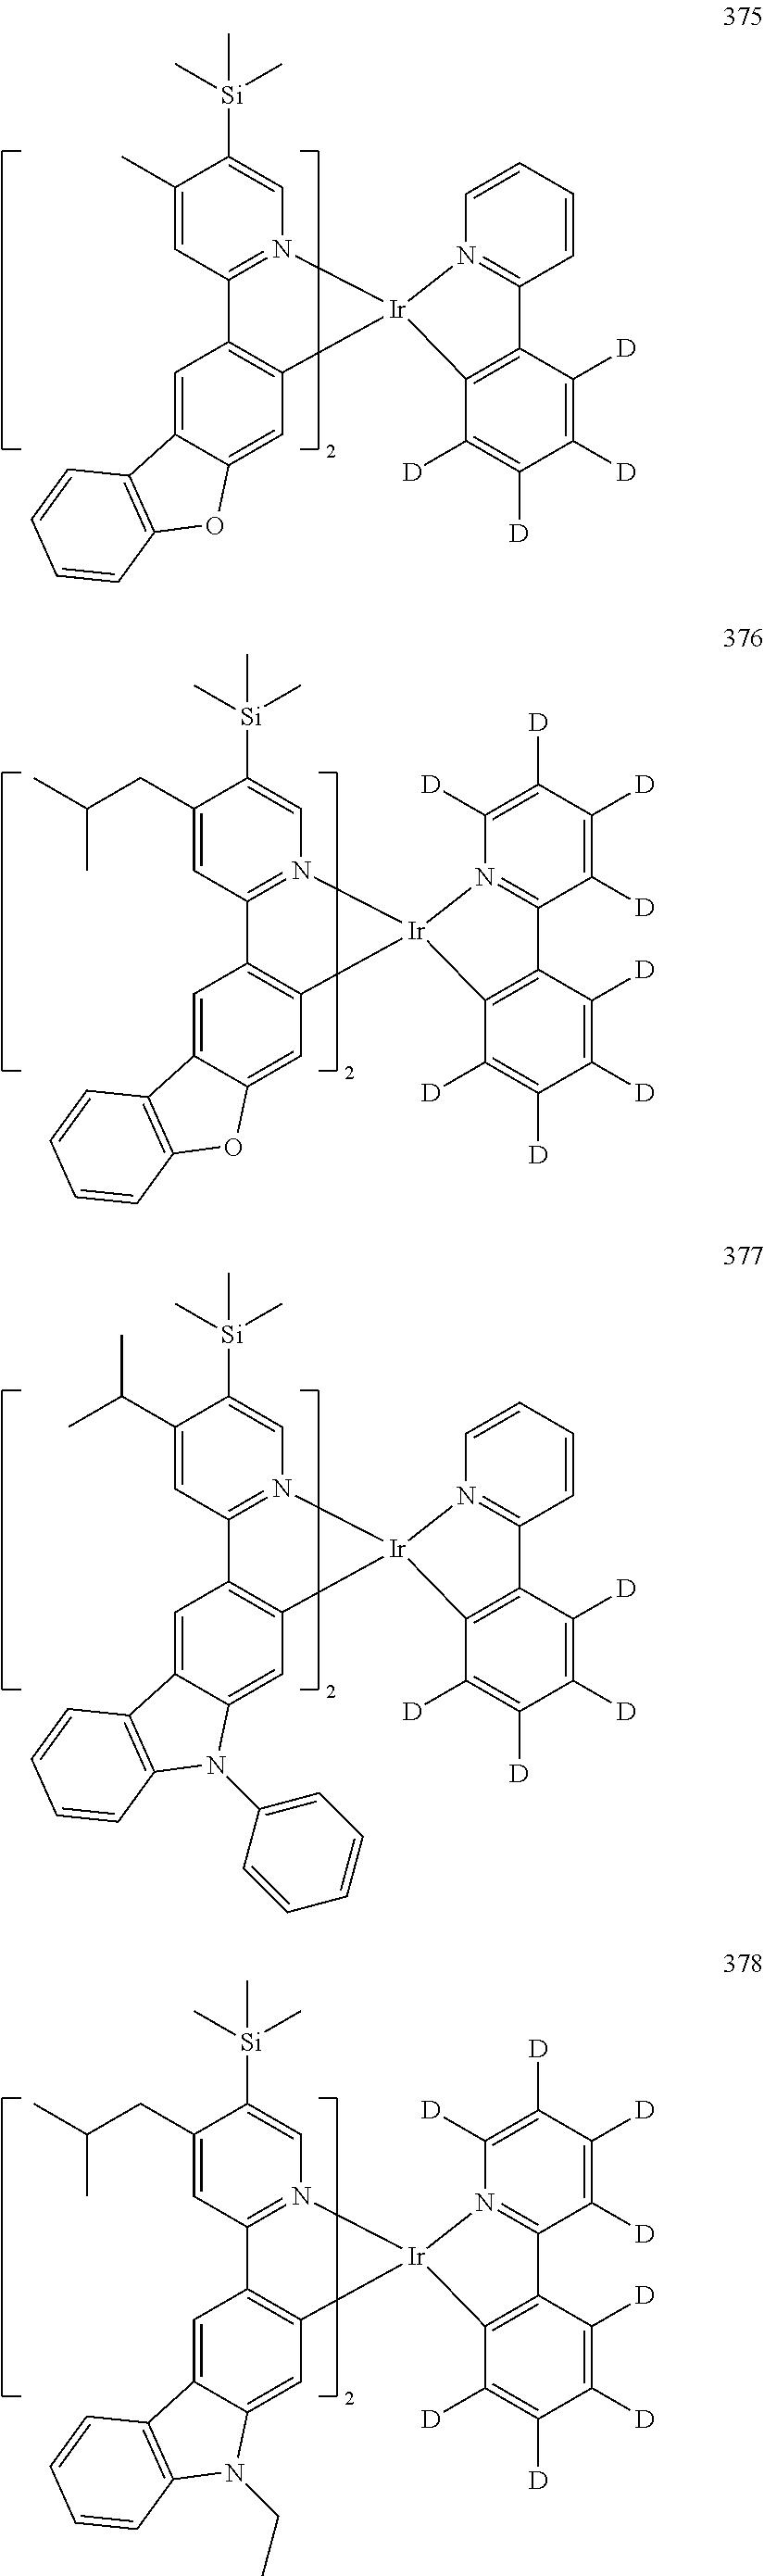 Figure US20160155962A1-20160602-C00433